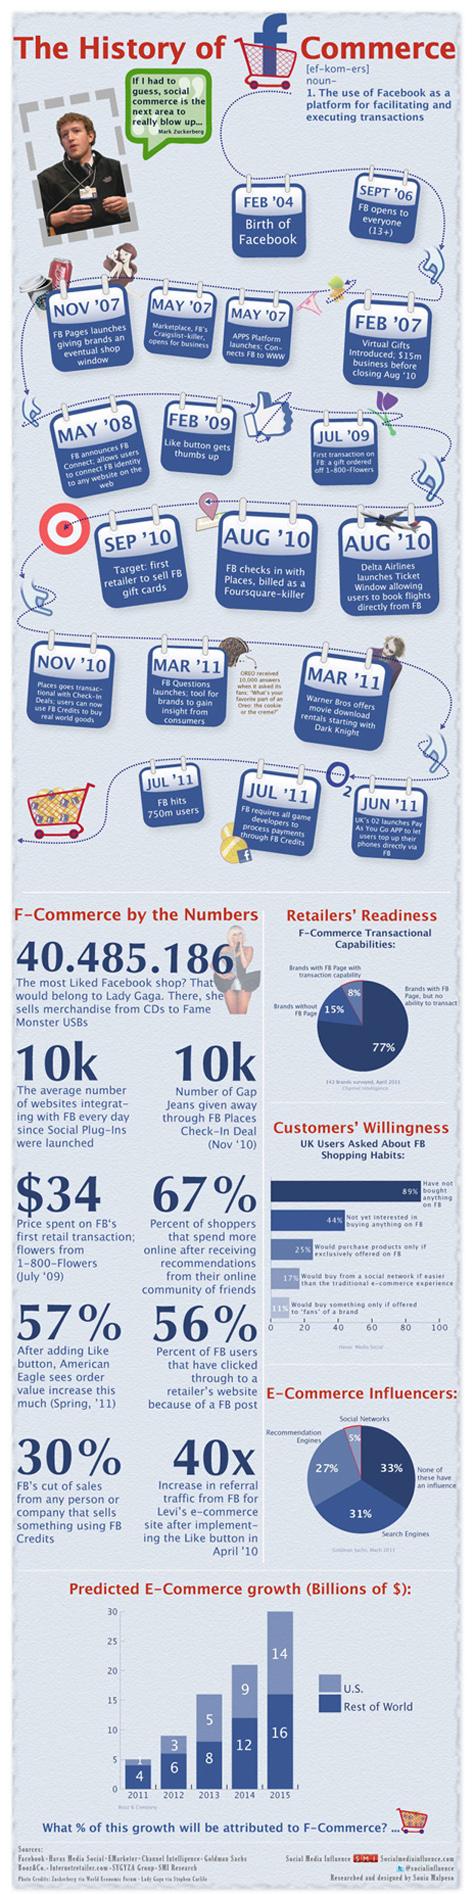 La historia del f-commerce